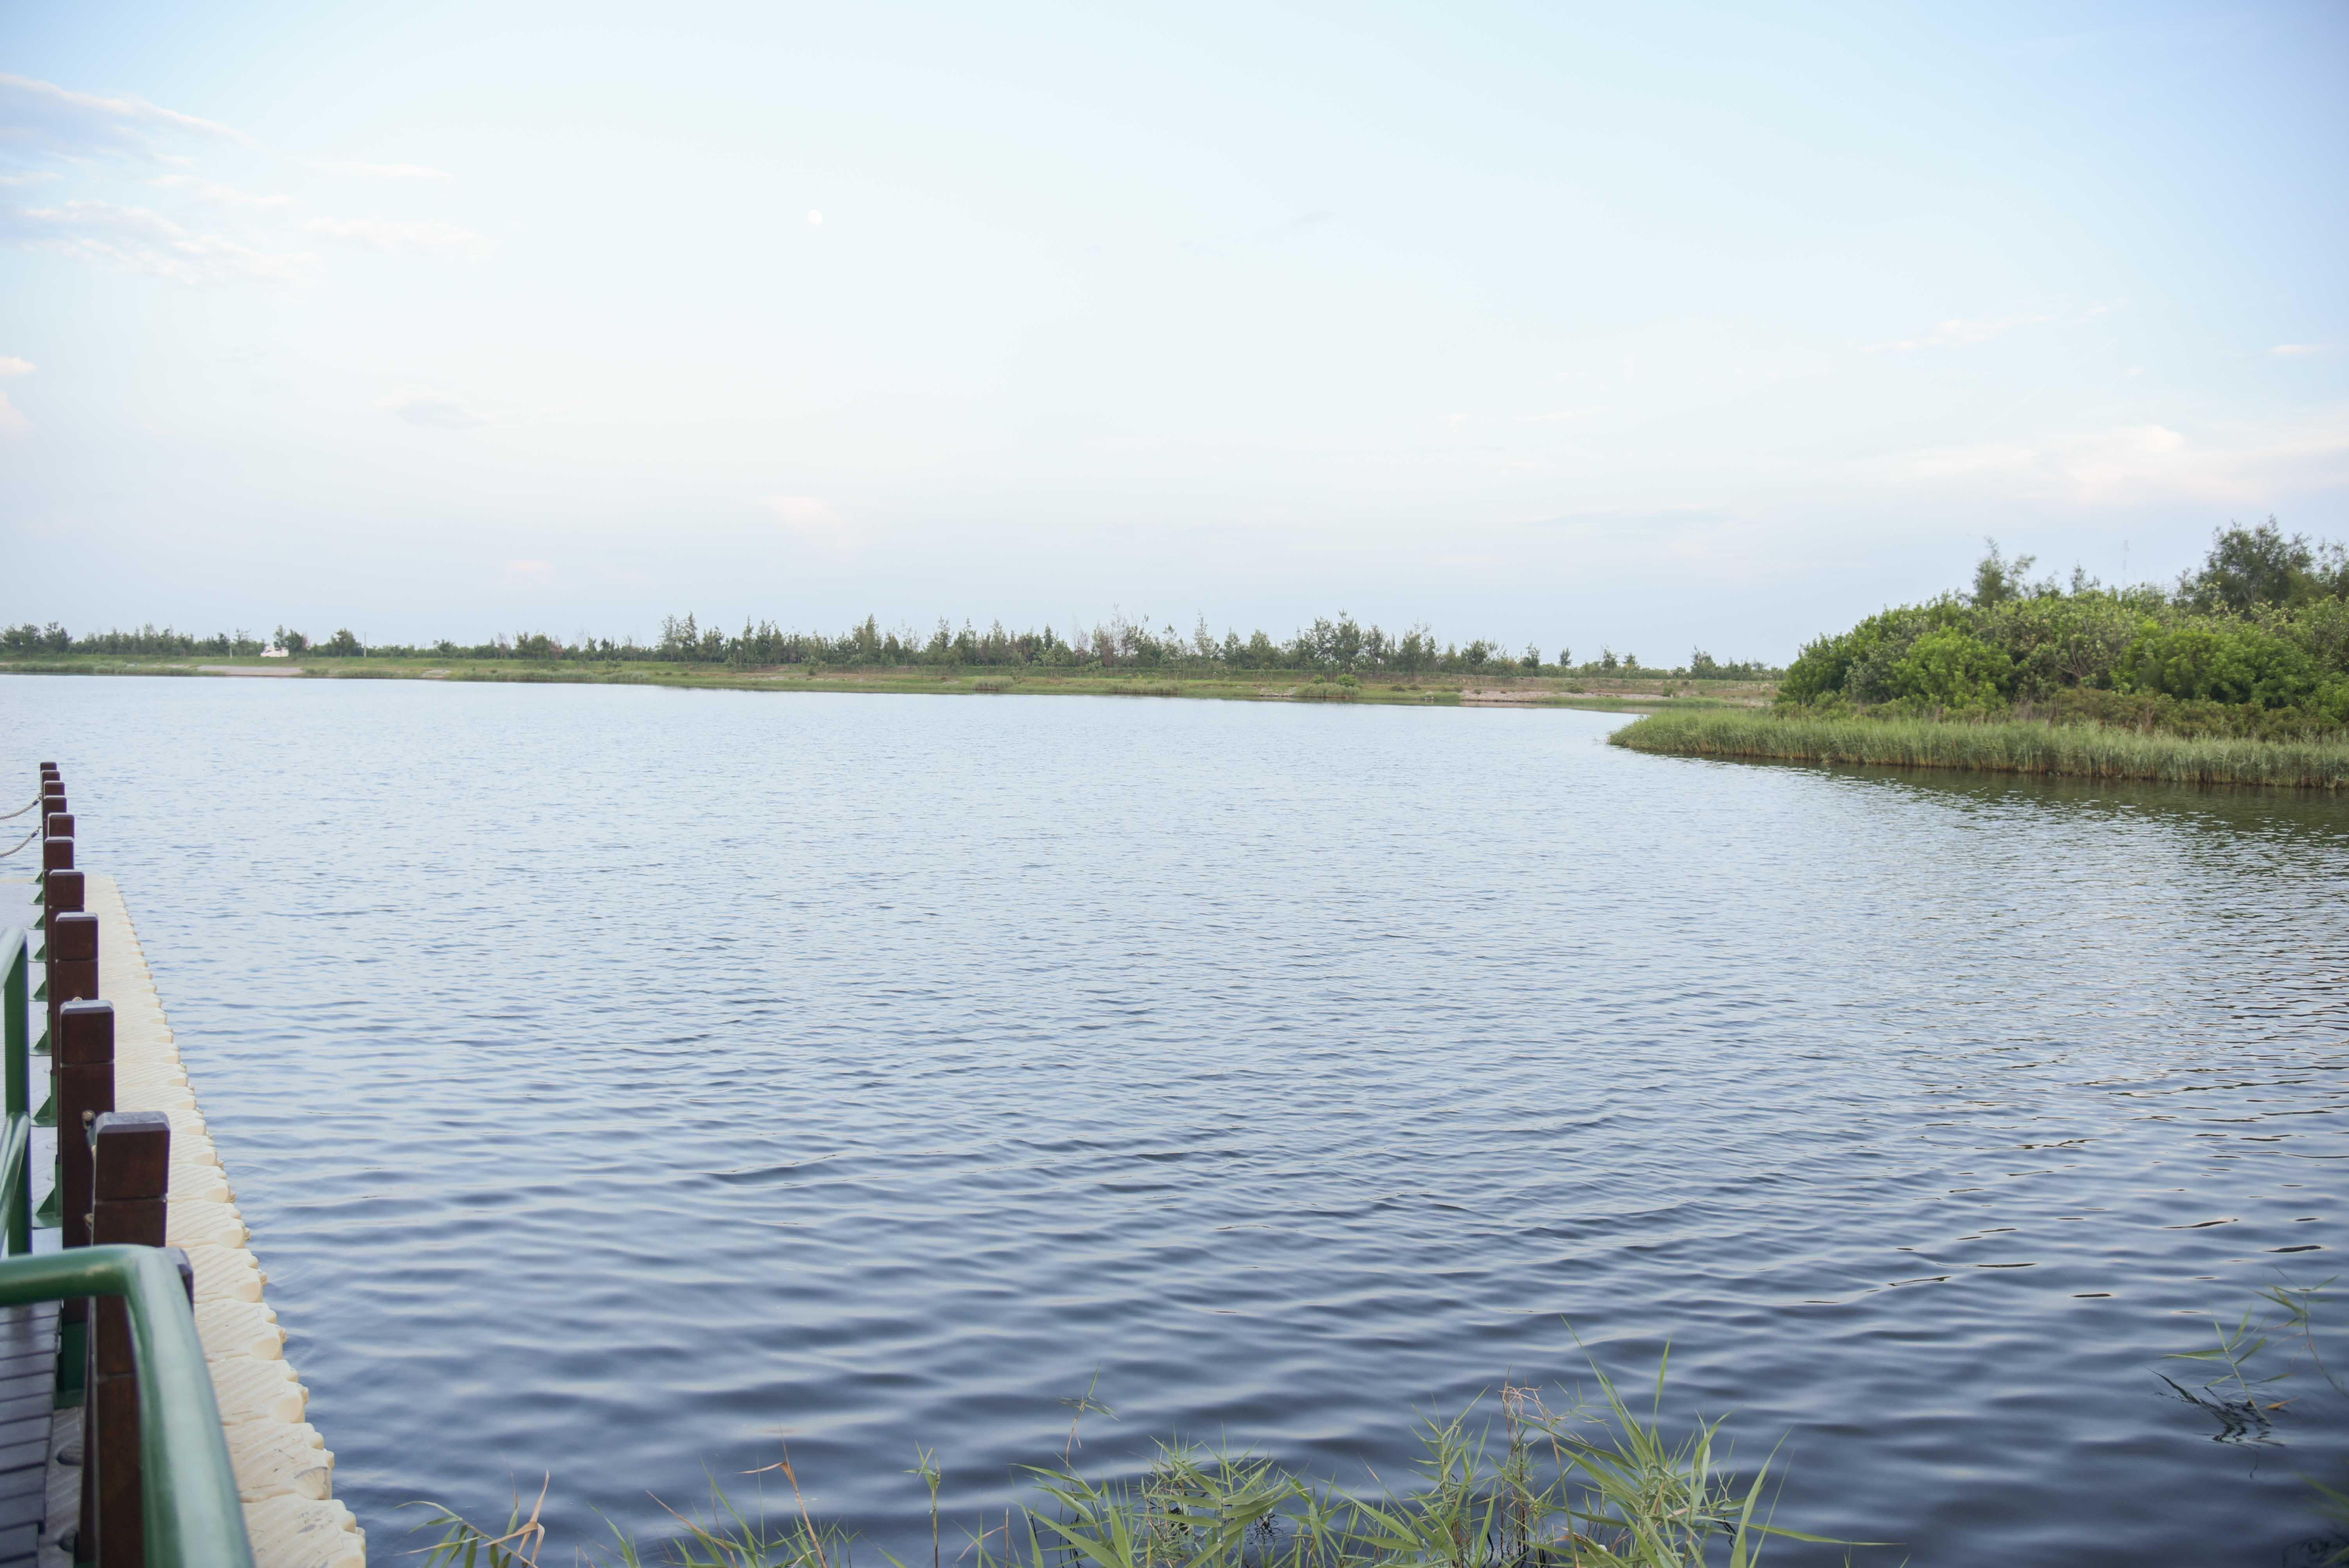 椬梧帯湖景観公園の景色